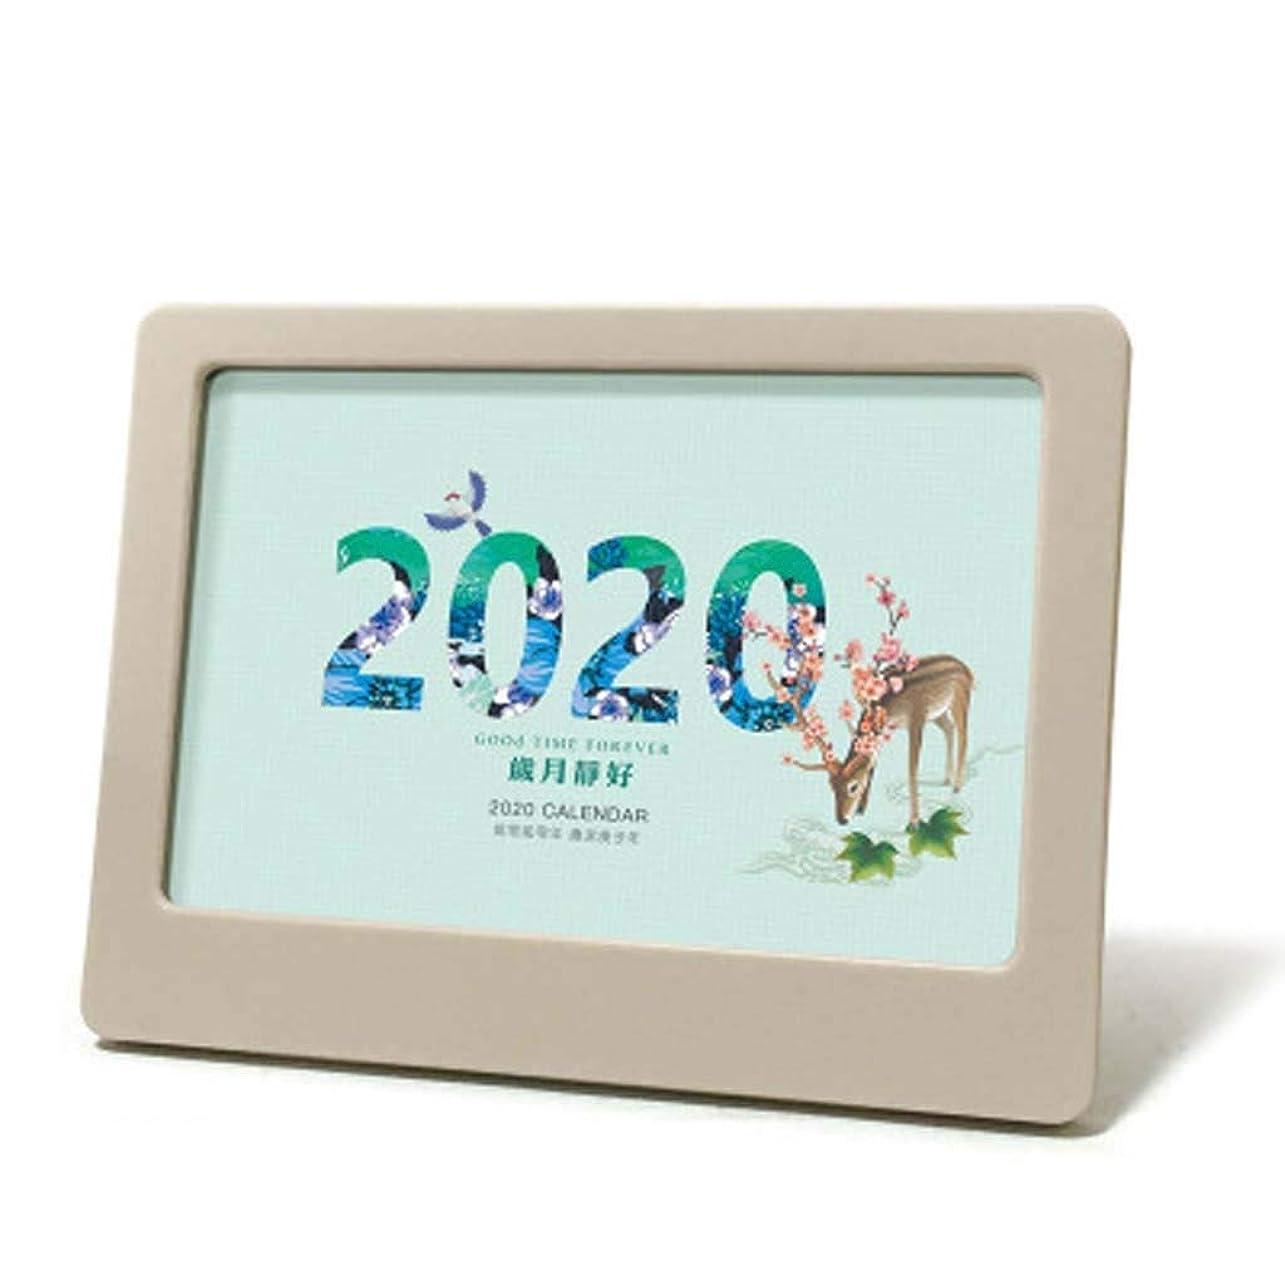 円形のただフォーカス卓上カレンダー2020古典的なオフィスのデスクトップの装飾フォトフレームカレンダー家族の装飾は、携帯電話17センチメートル* 12.5センチメートルを置くことができます (色 : 青)